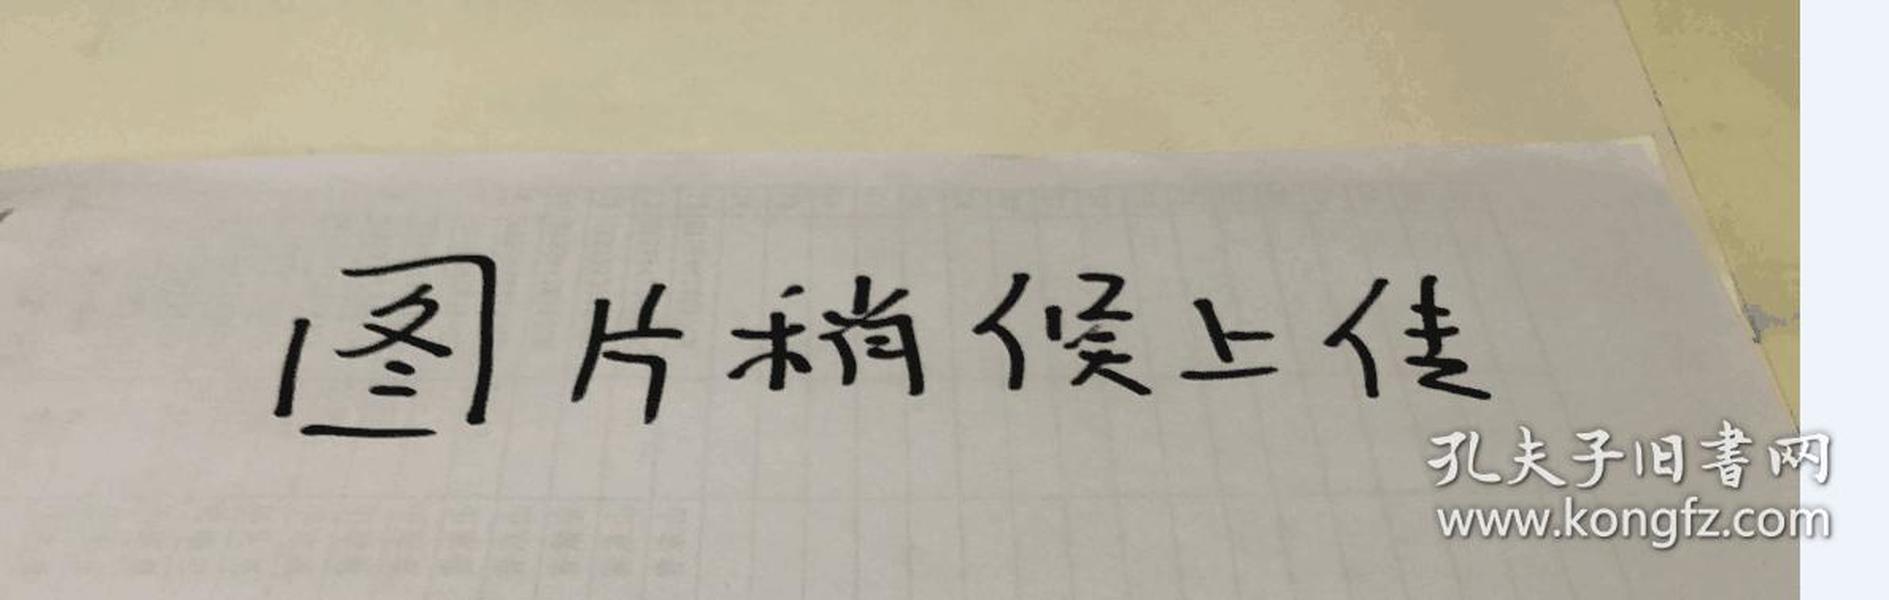 中国近代史 上编 第一分册(书籍着水)